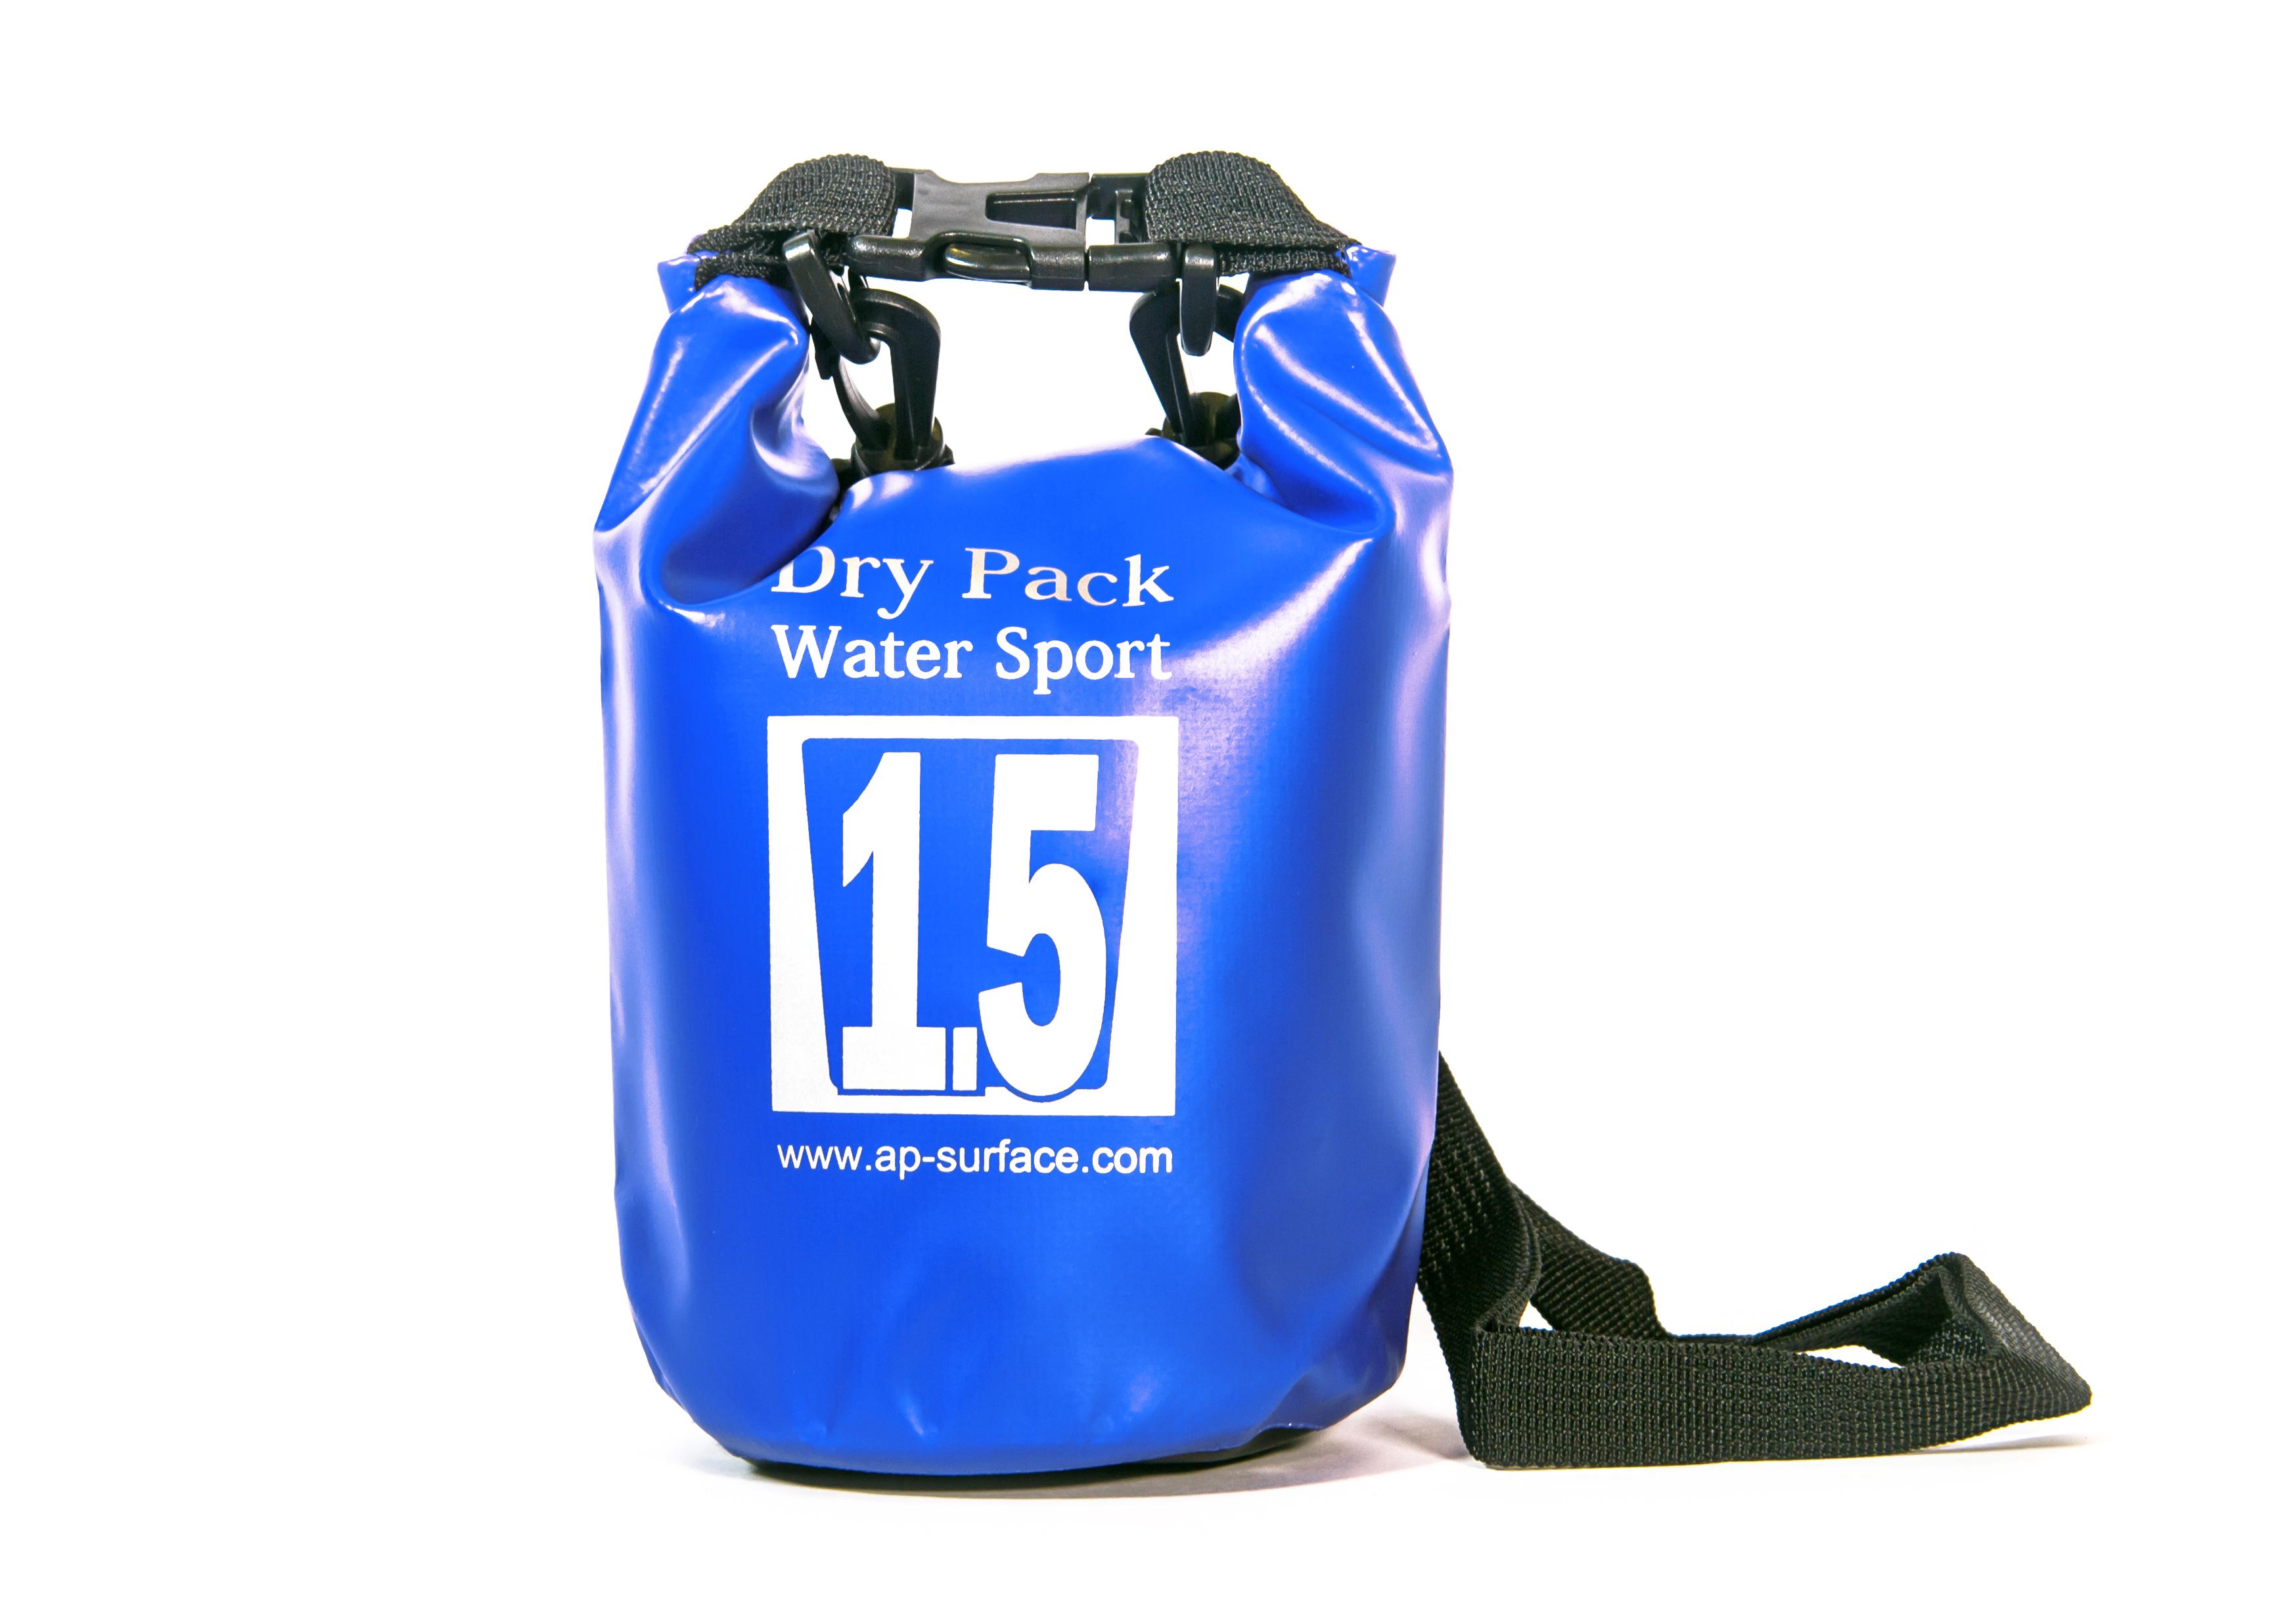 กระเป๋ากันน้ำ Dry Pack 1.5L - สีน้ำเงิน